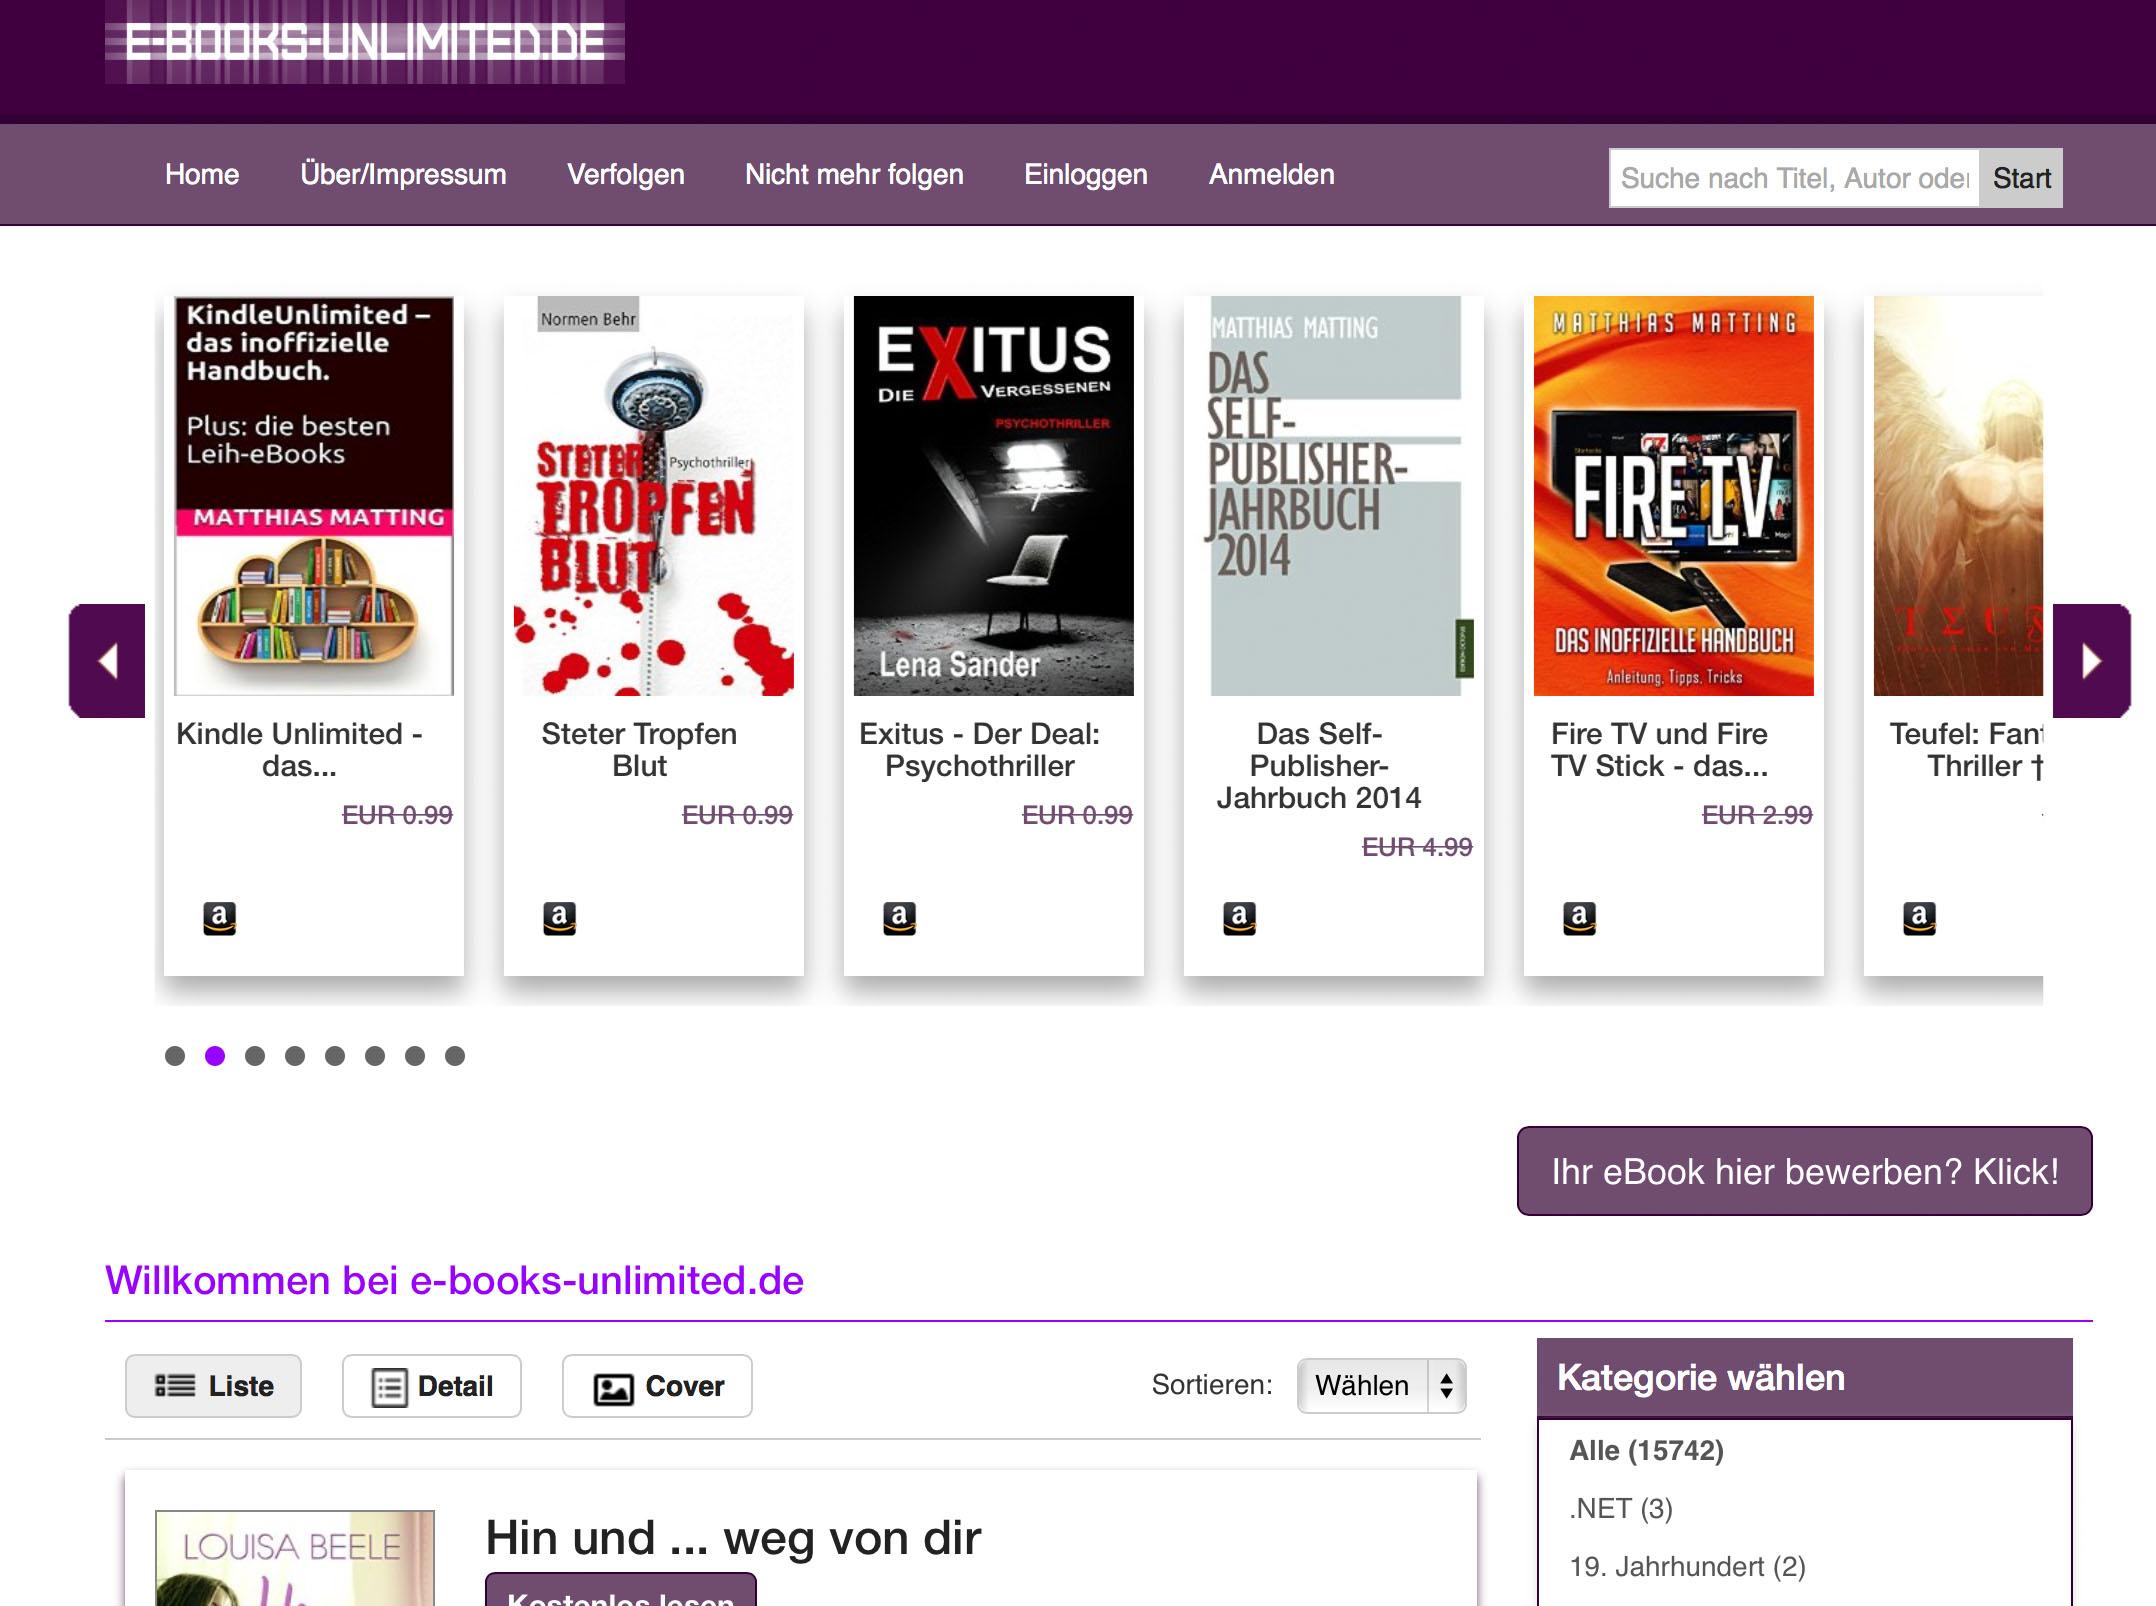 e-Books-Unlimited.de